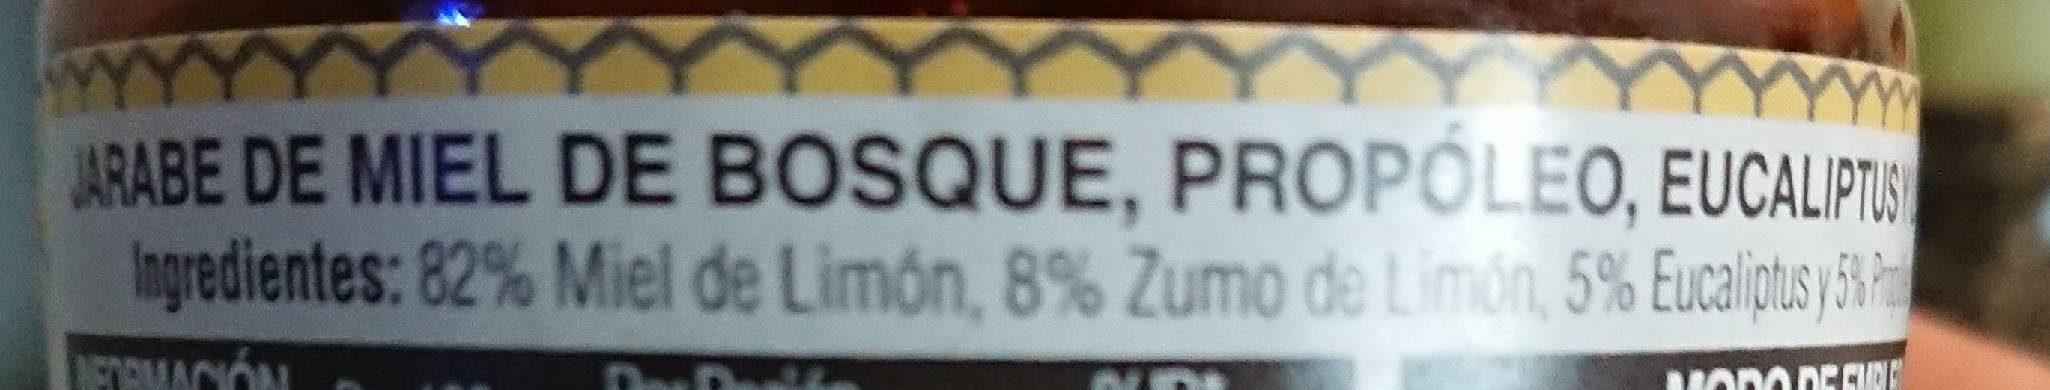 Jarabe de miel casero - Ingrediënten